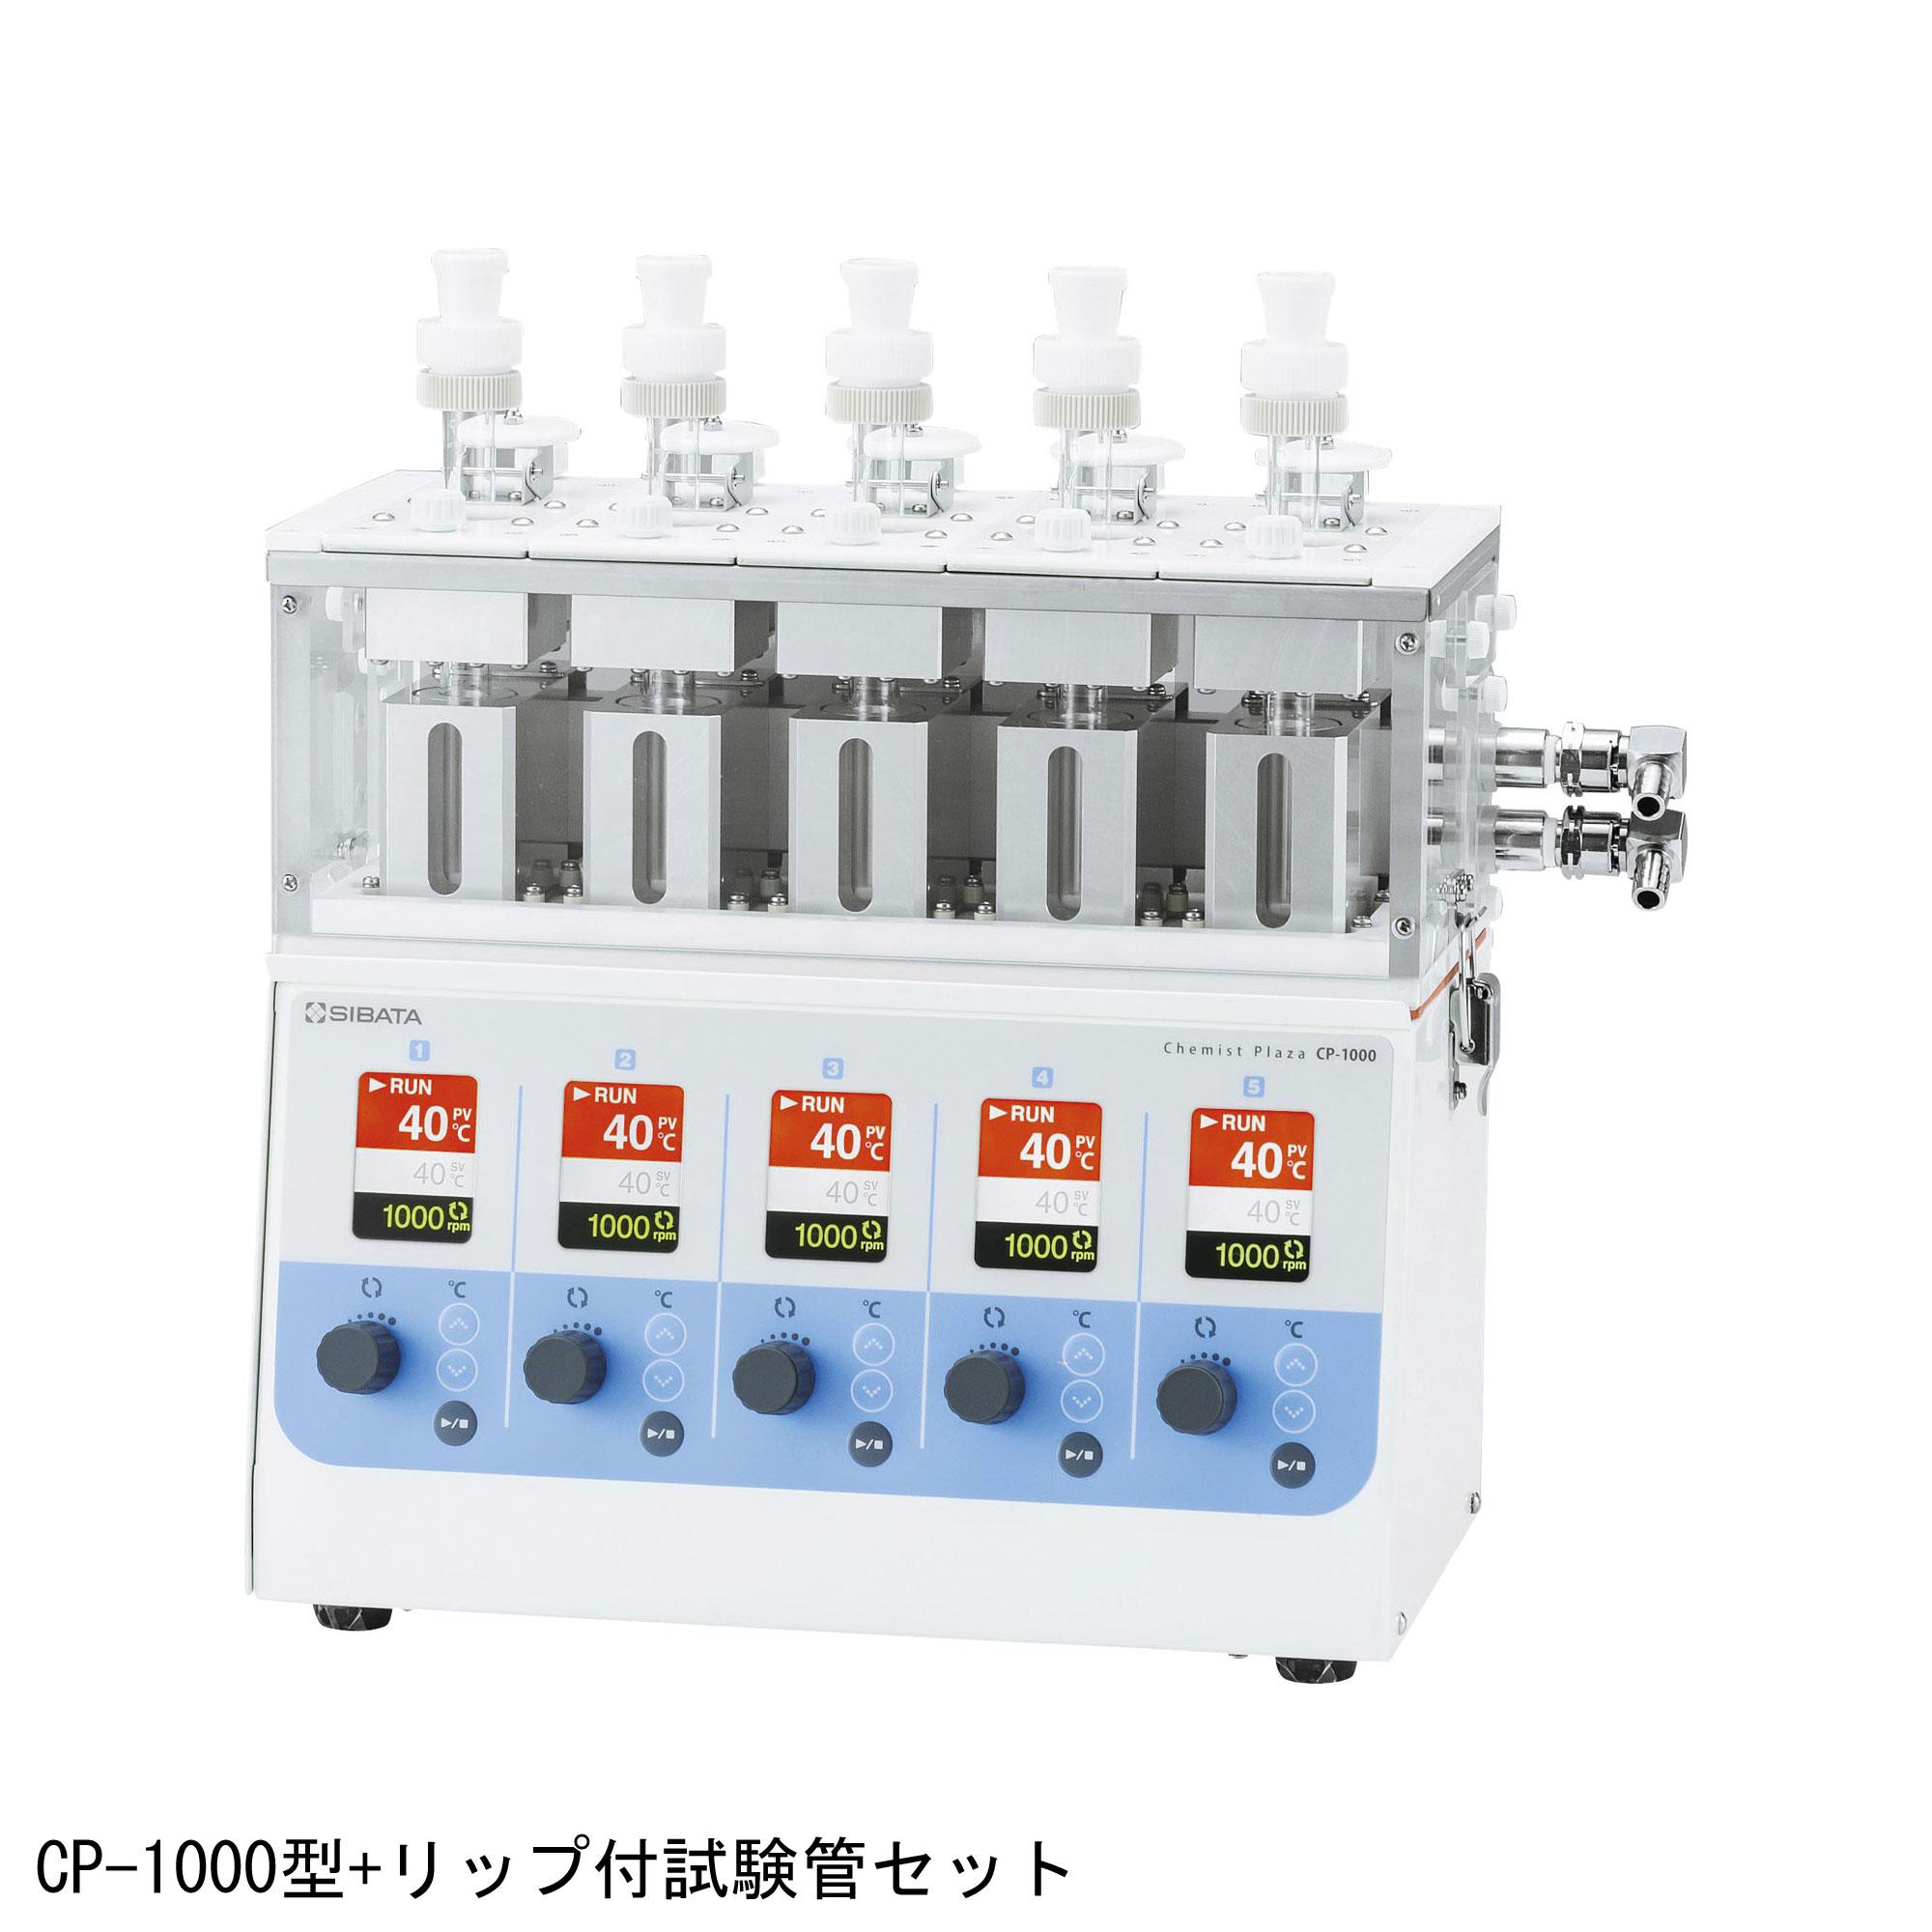 合成・反応装置 ケミストプラザ CP-1000用 φ15×150H試験管セット